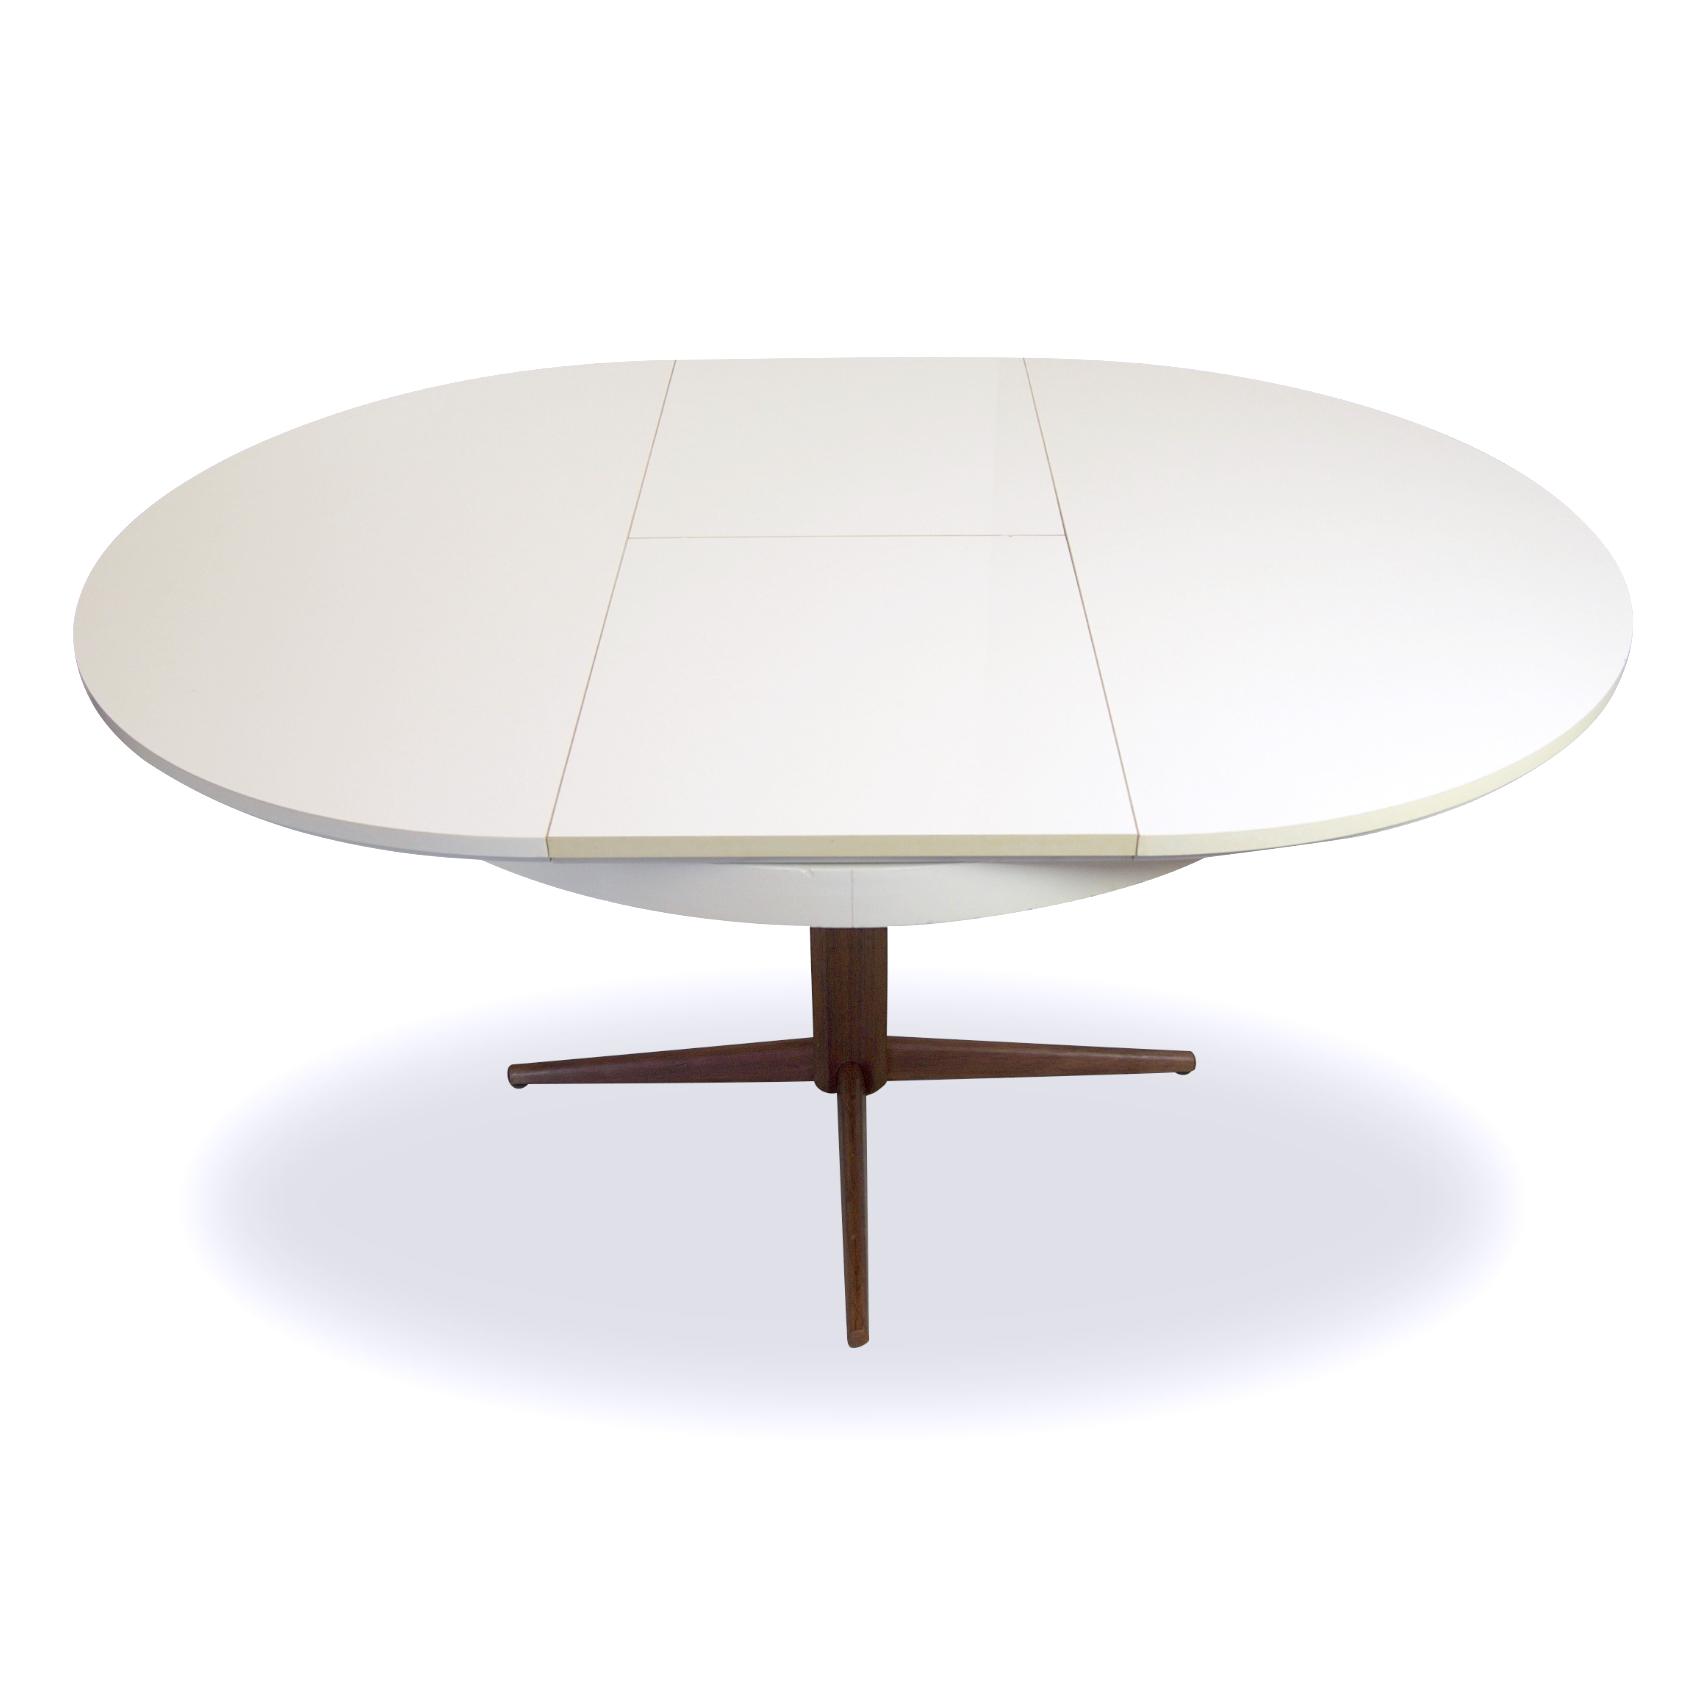 Eetkamertafel wit met houten blad deens design ronde eettafel op